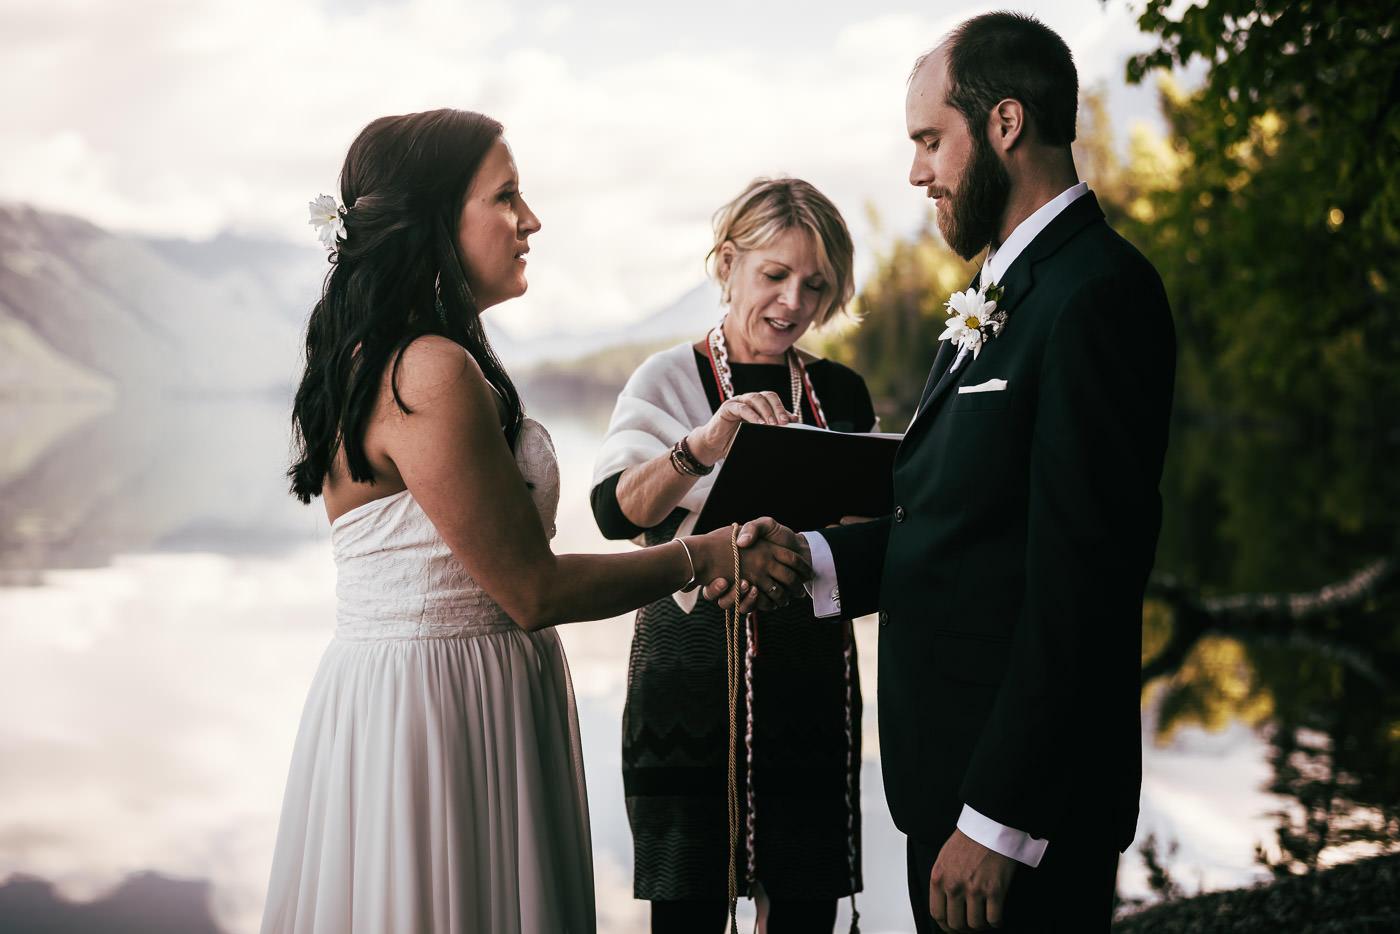 Knot tying ceremony besides Lake Mcdonald.